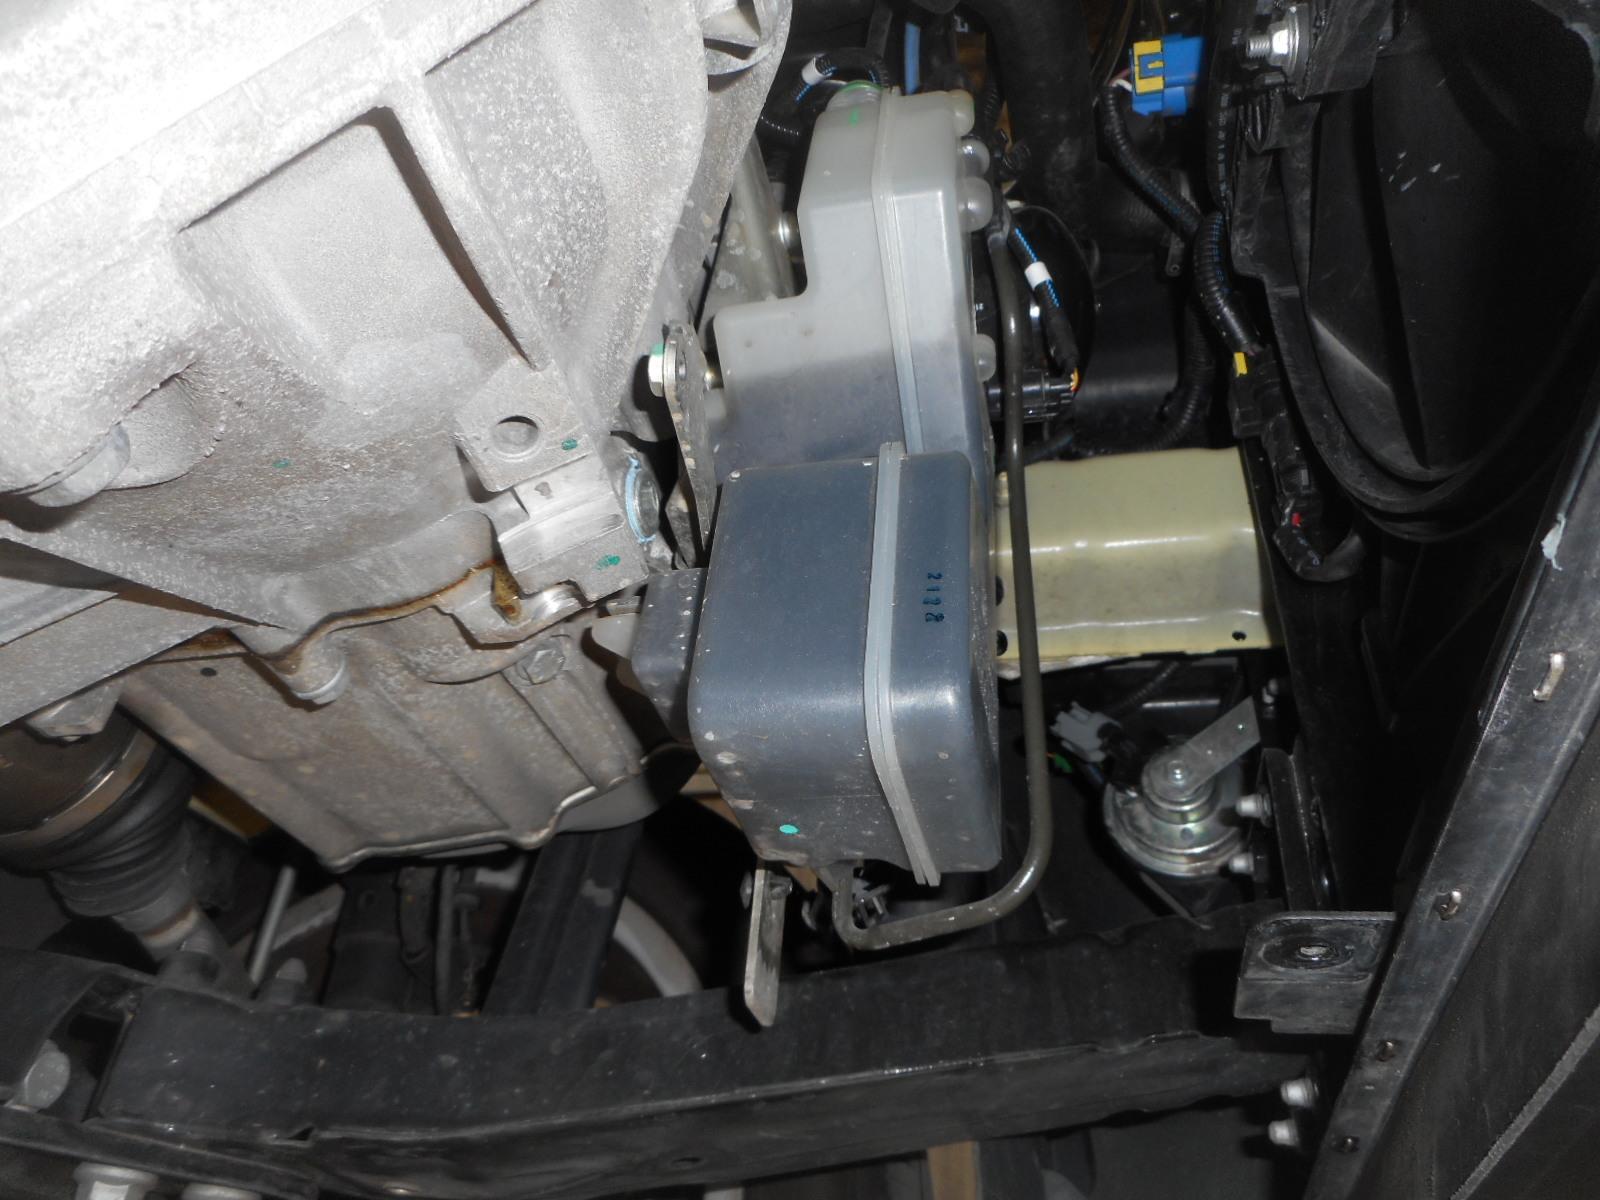 フィアット500 ツインエアー 納車車検整備_c0267693_15371450.jpg